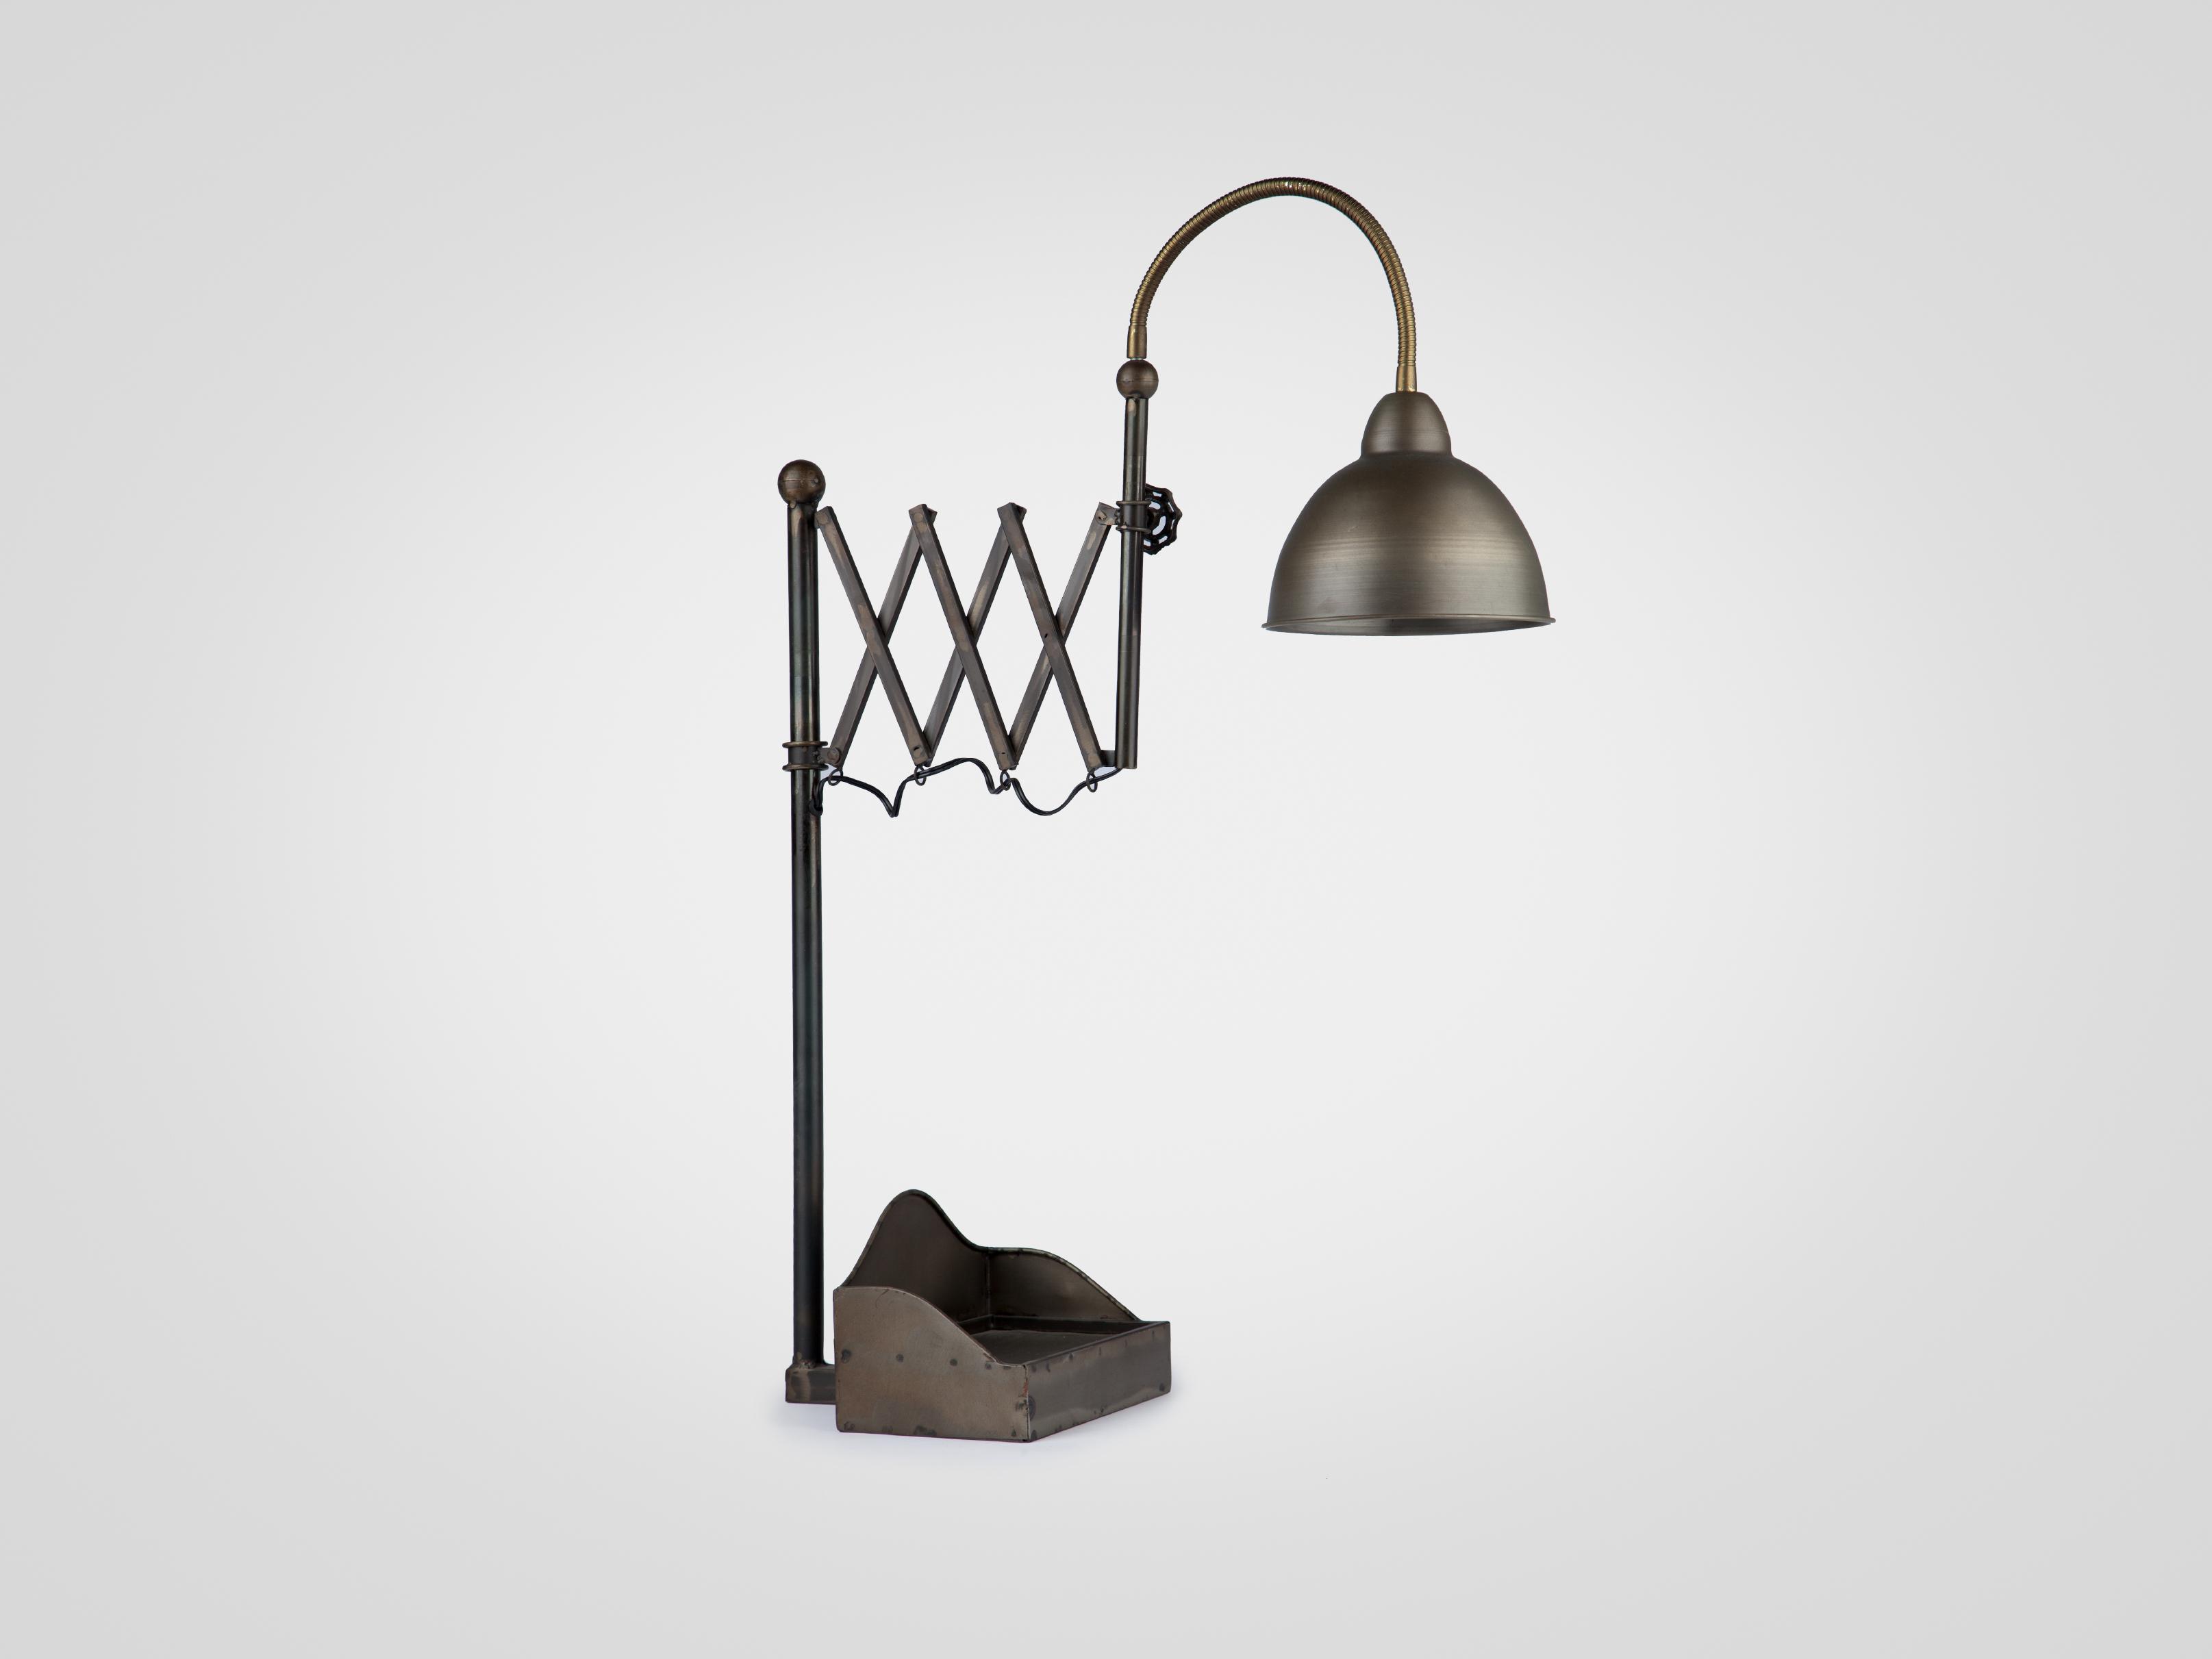 Настольная лампа металлическая в индустриальном стиле, inmyroom, Китай  - Купить